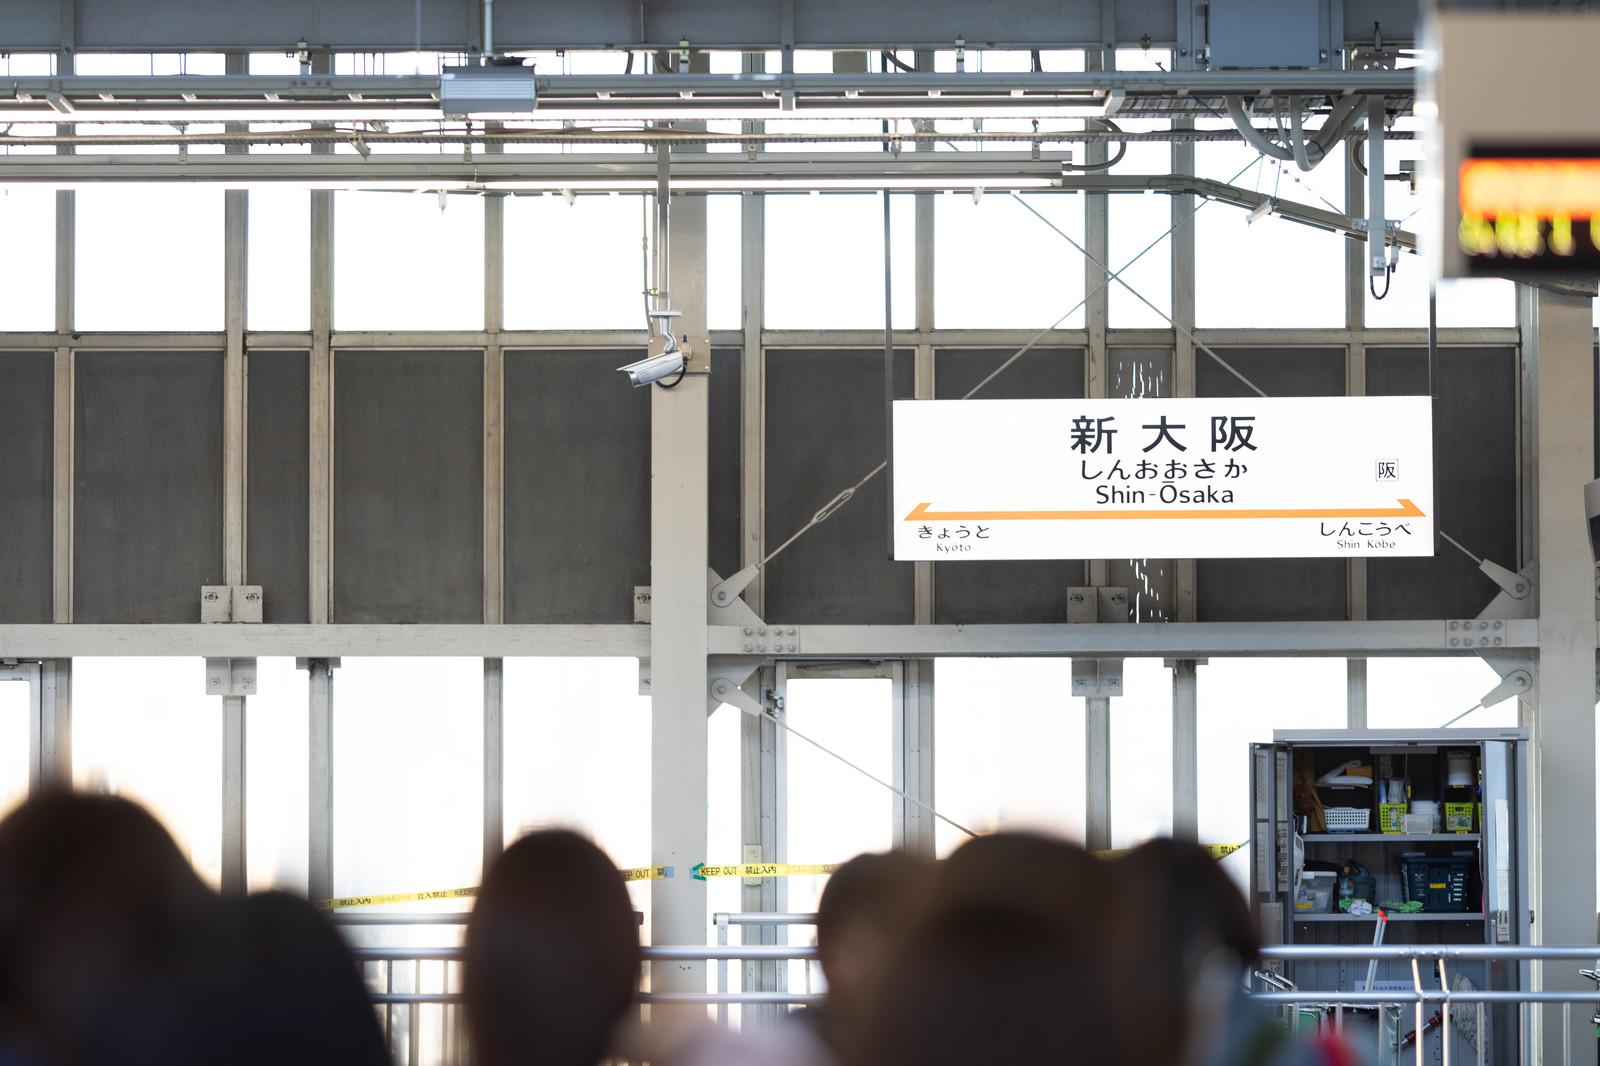 【最新版】大阪から福岡までの移動手段まとめ!飛行機・新幹線・高速バスを比較